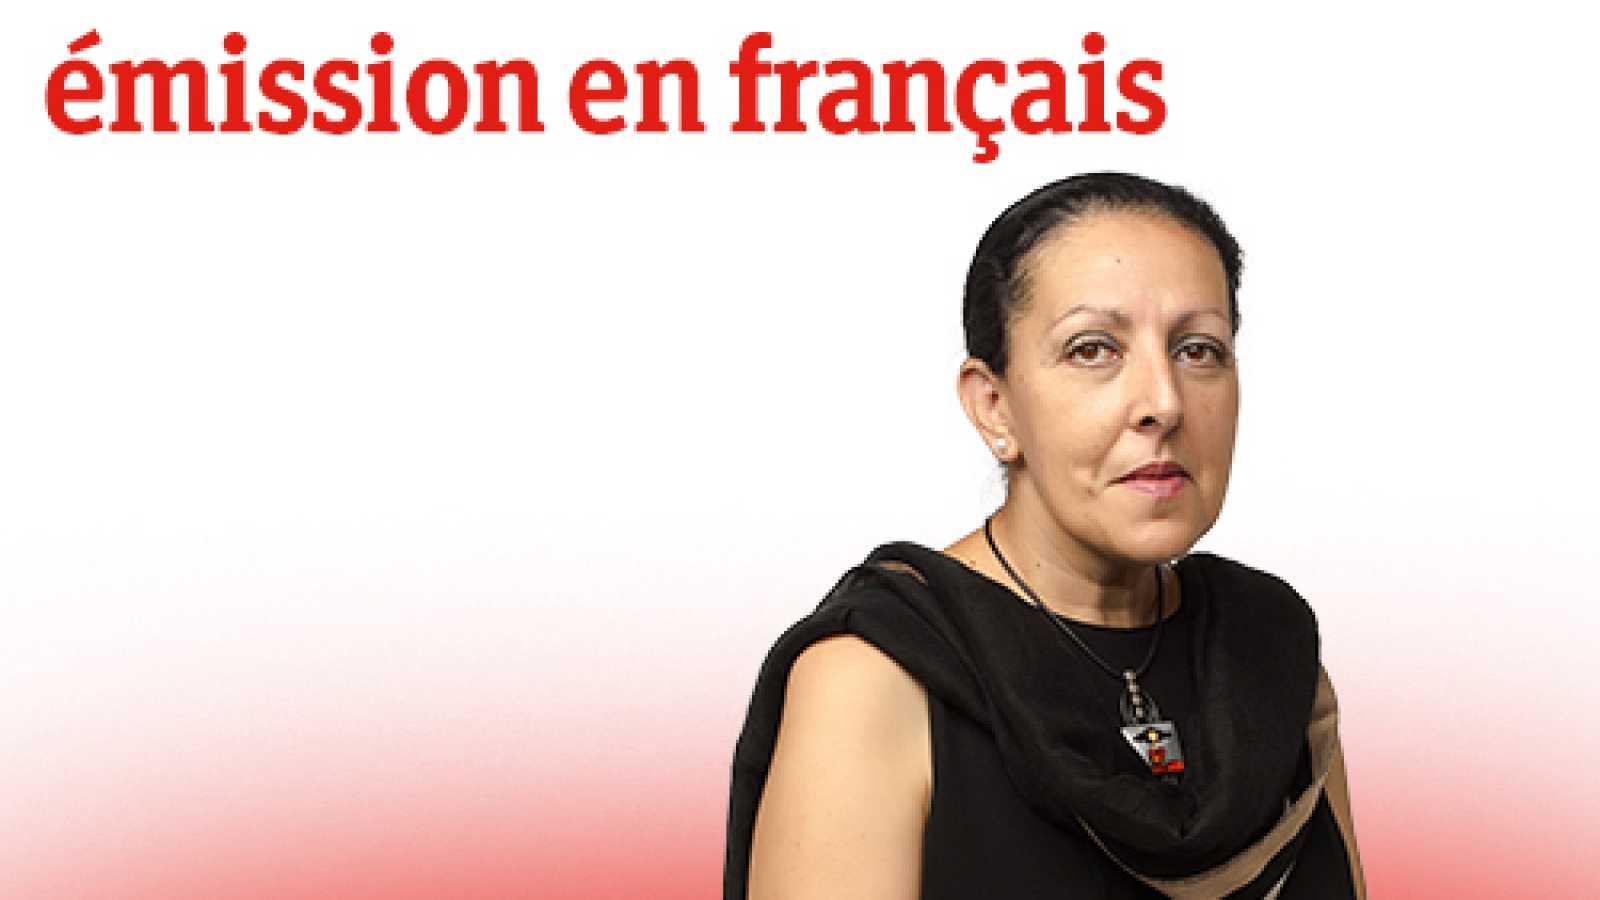 Emission en français - Un histoire singulière, J-P Chérid - 20/08/20 - Escuchar ahora